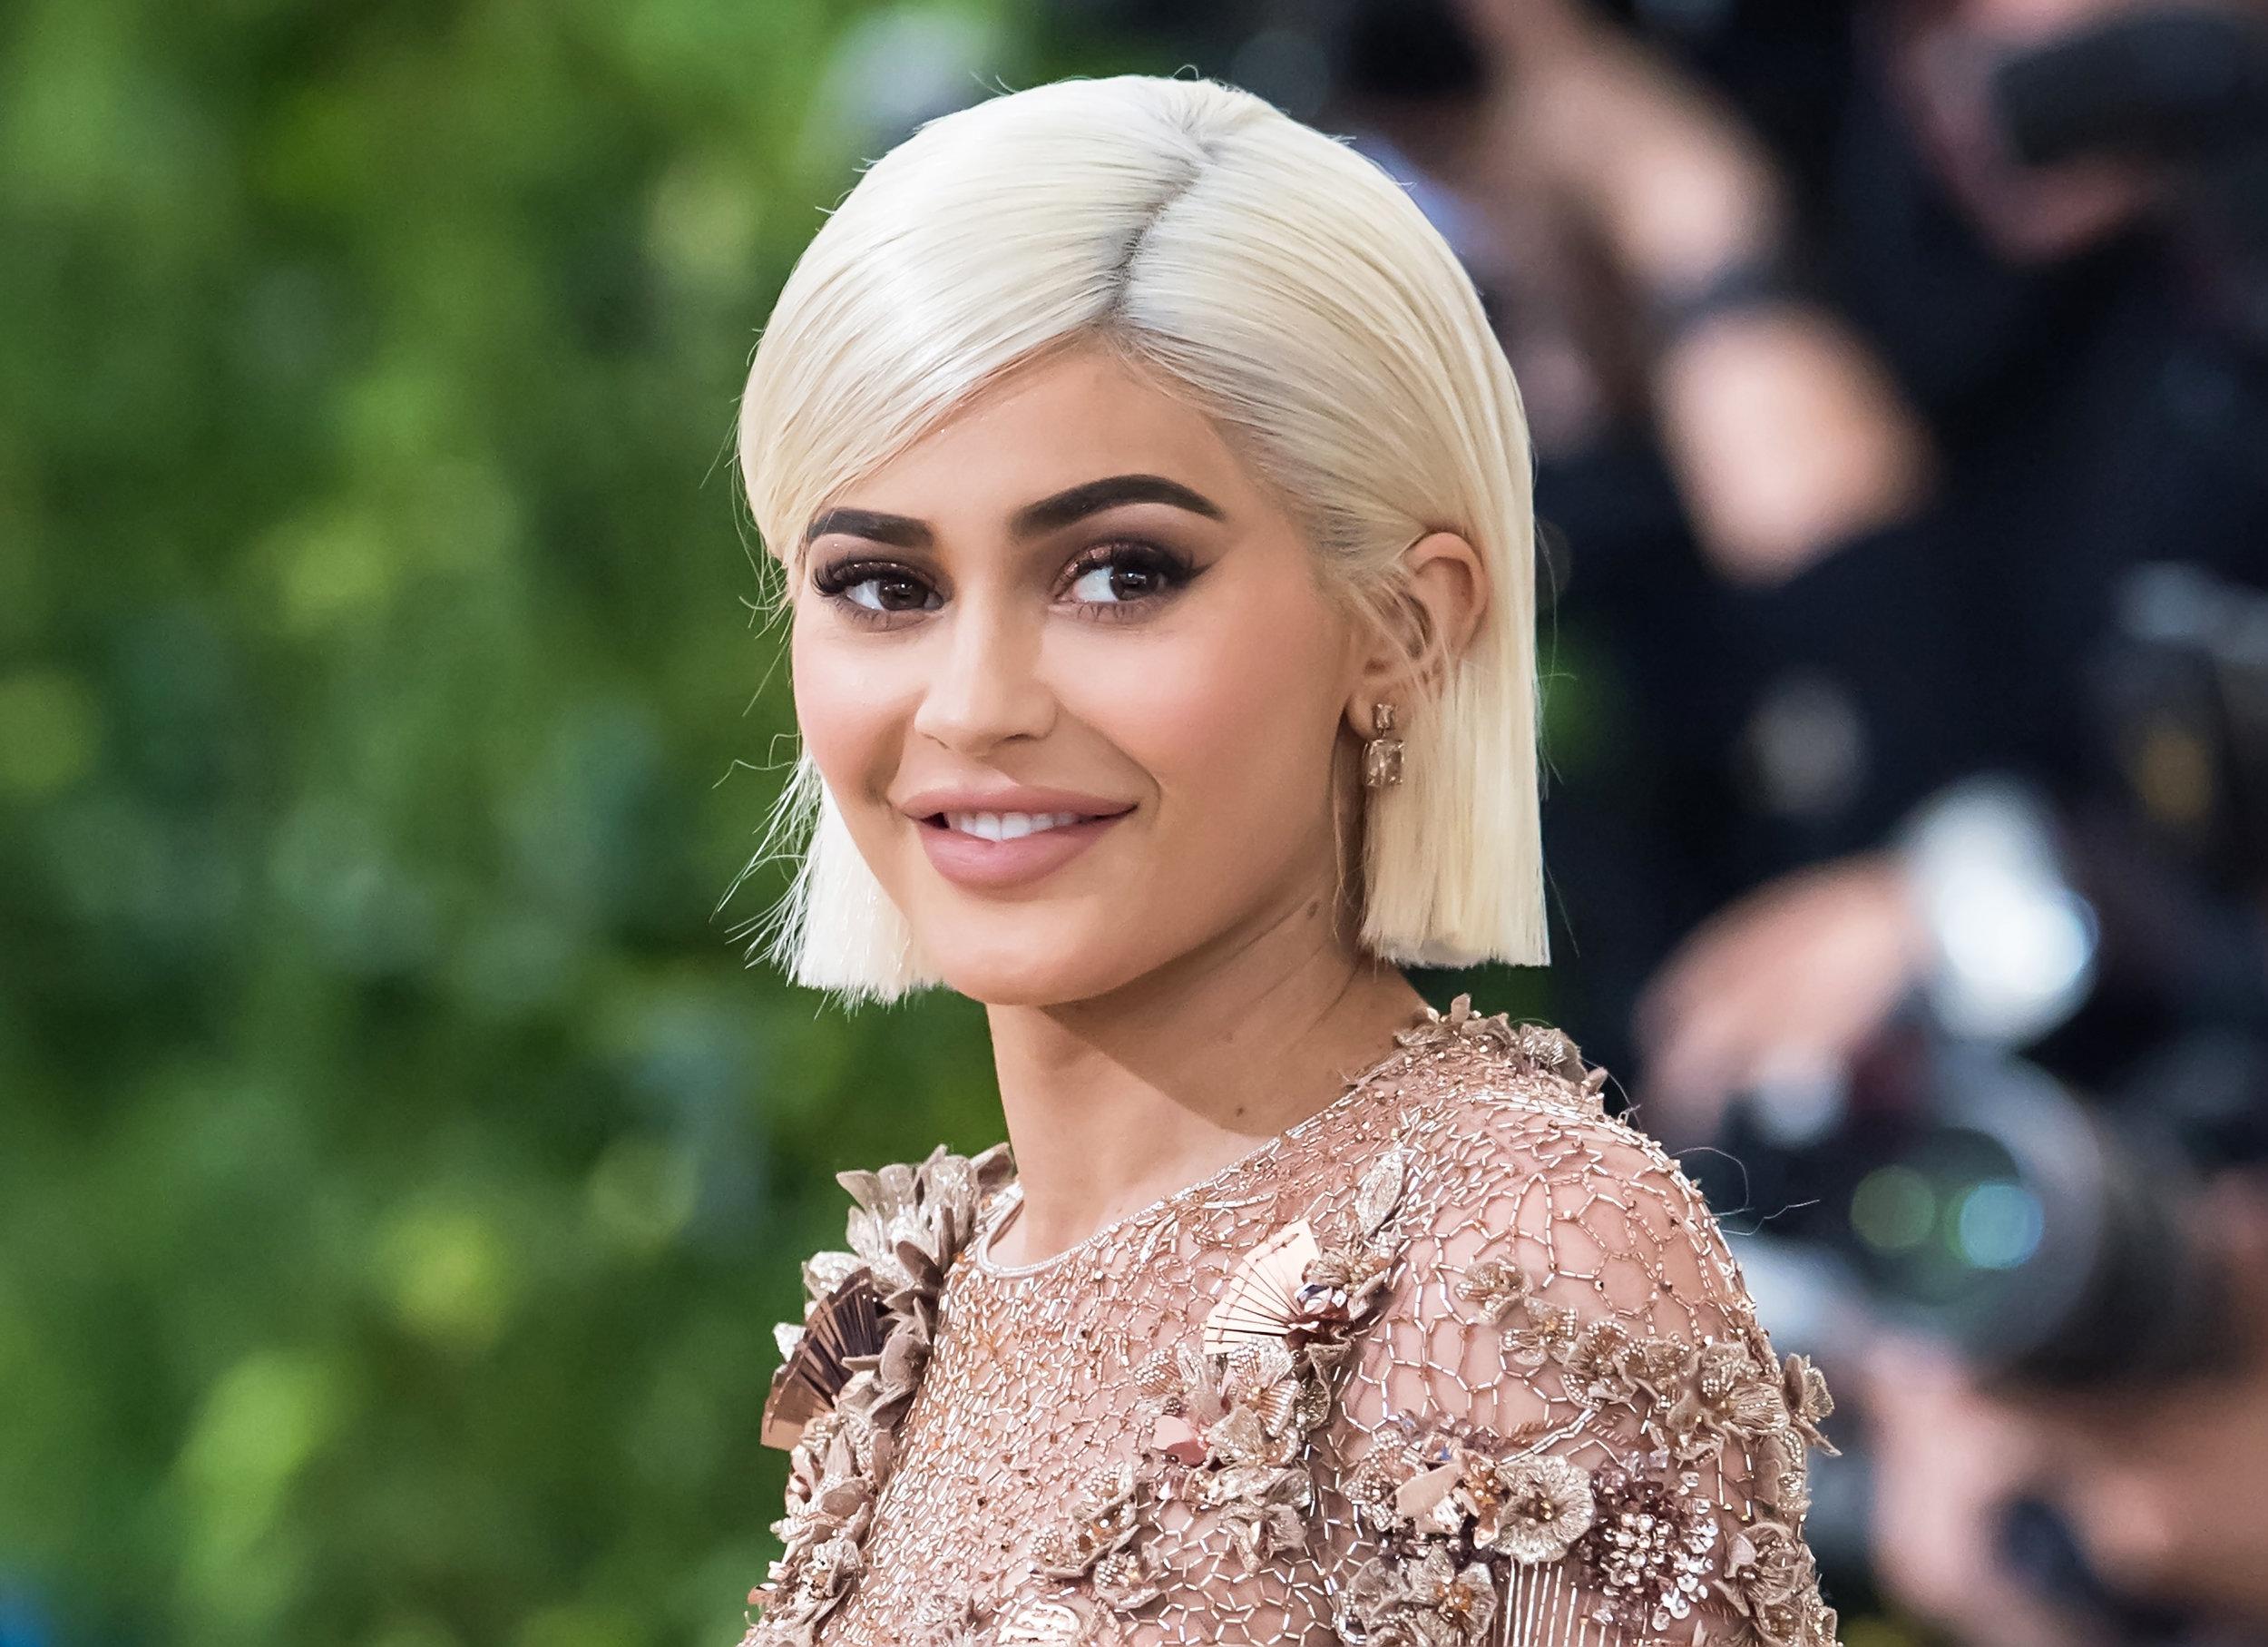 Η απόλυτη influencer Kylie Jenner: ένα μήνυμά της στο Twitter έκανε το Snapchat να χάσει 1,3 δισ. δολάρια